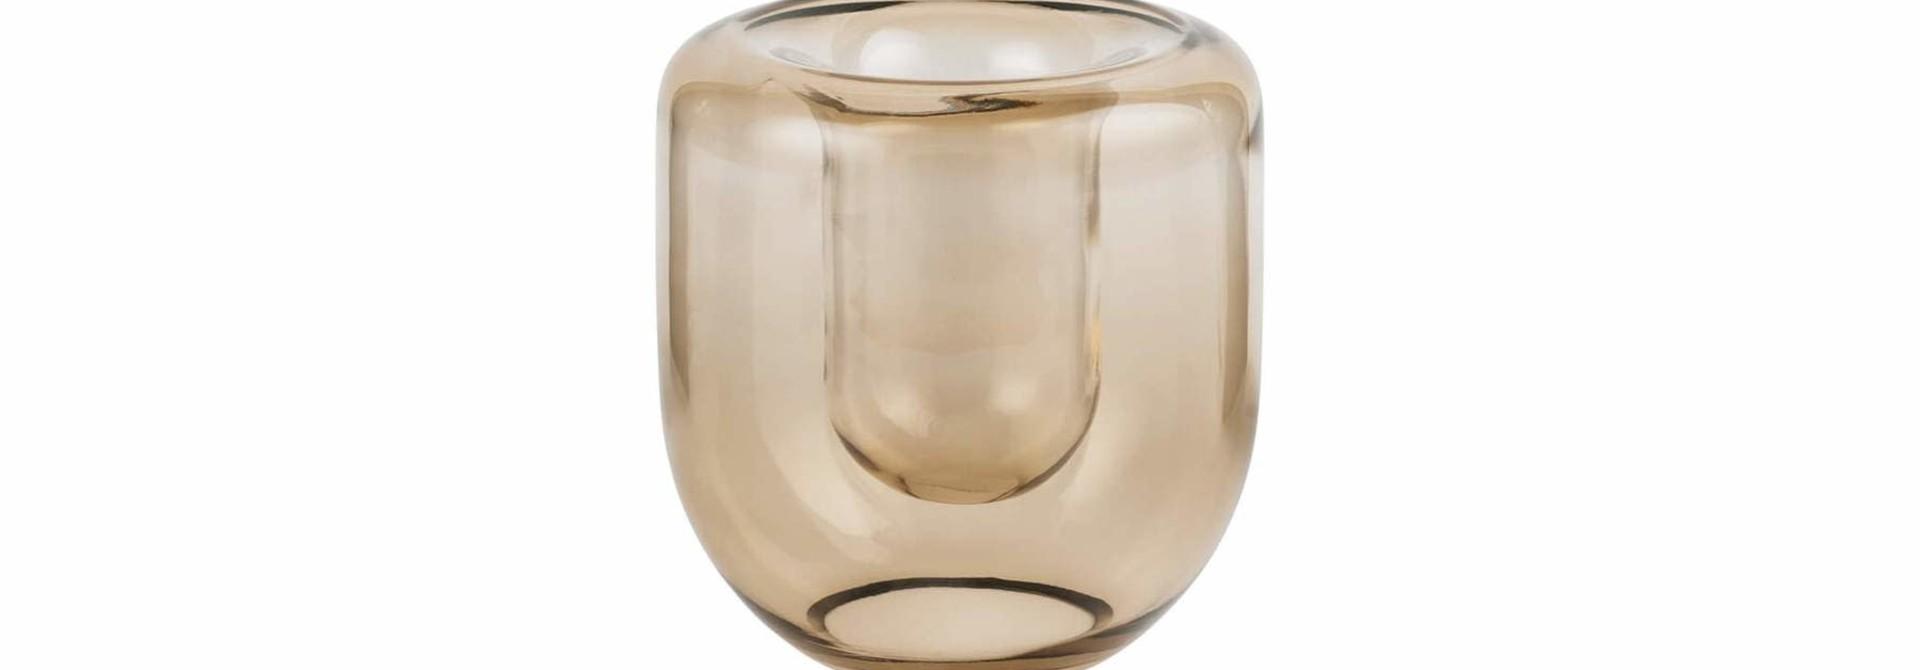 Opal vase